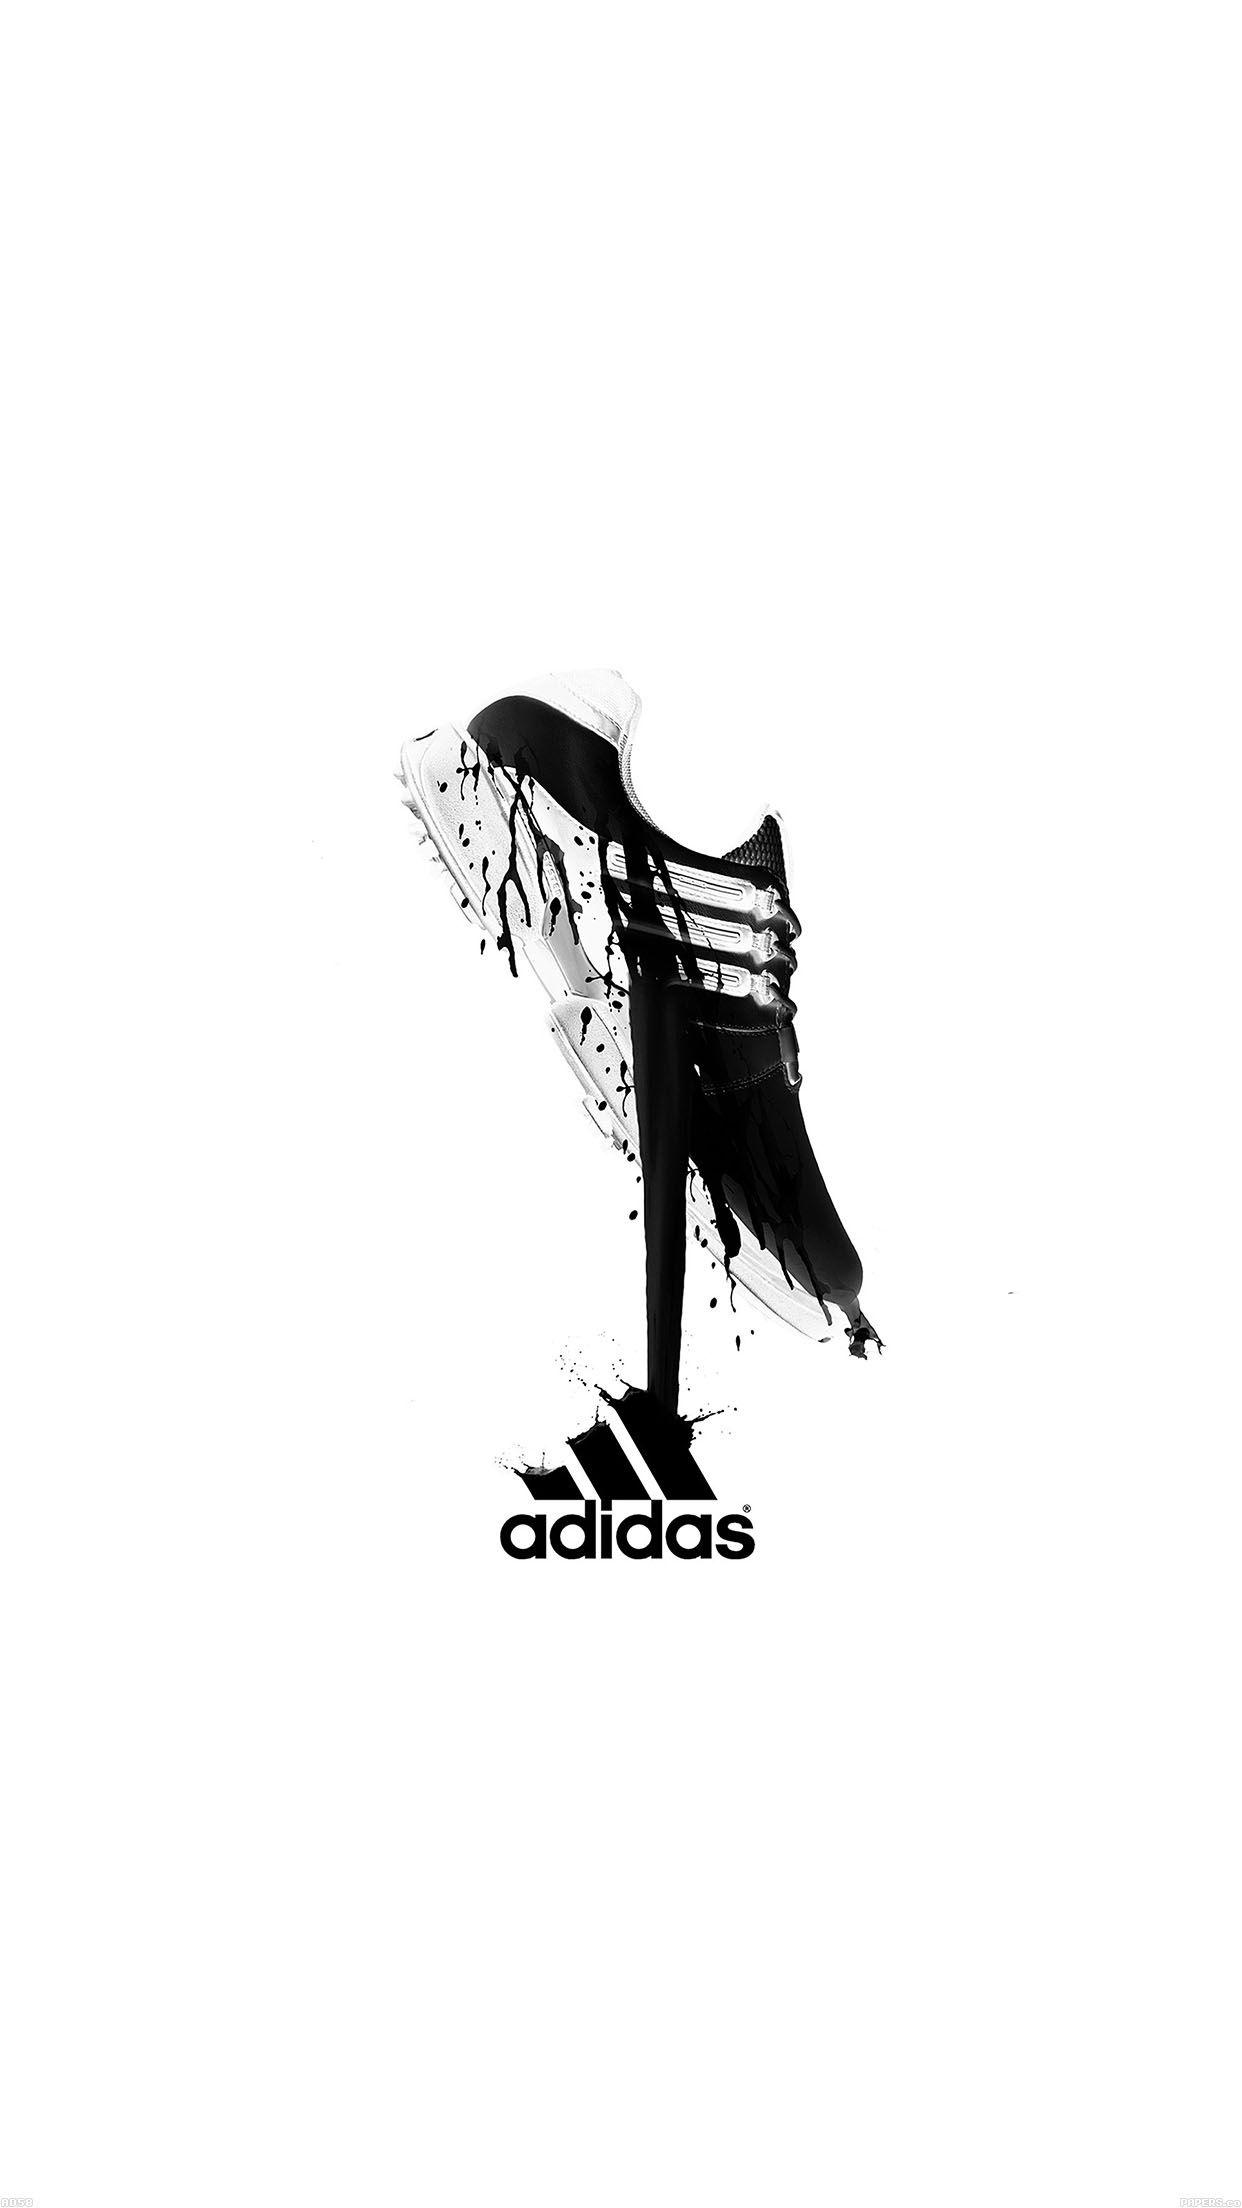 Adidas おしゃれまとめの人気アイデア Pinterest Nikkladesigns スマホ 広告 アディダス壁紙 アディダス 待ち受け